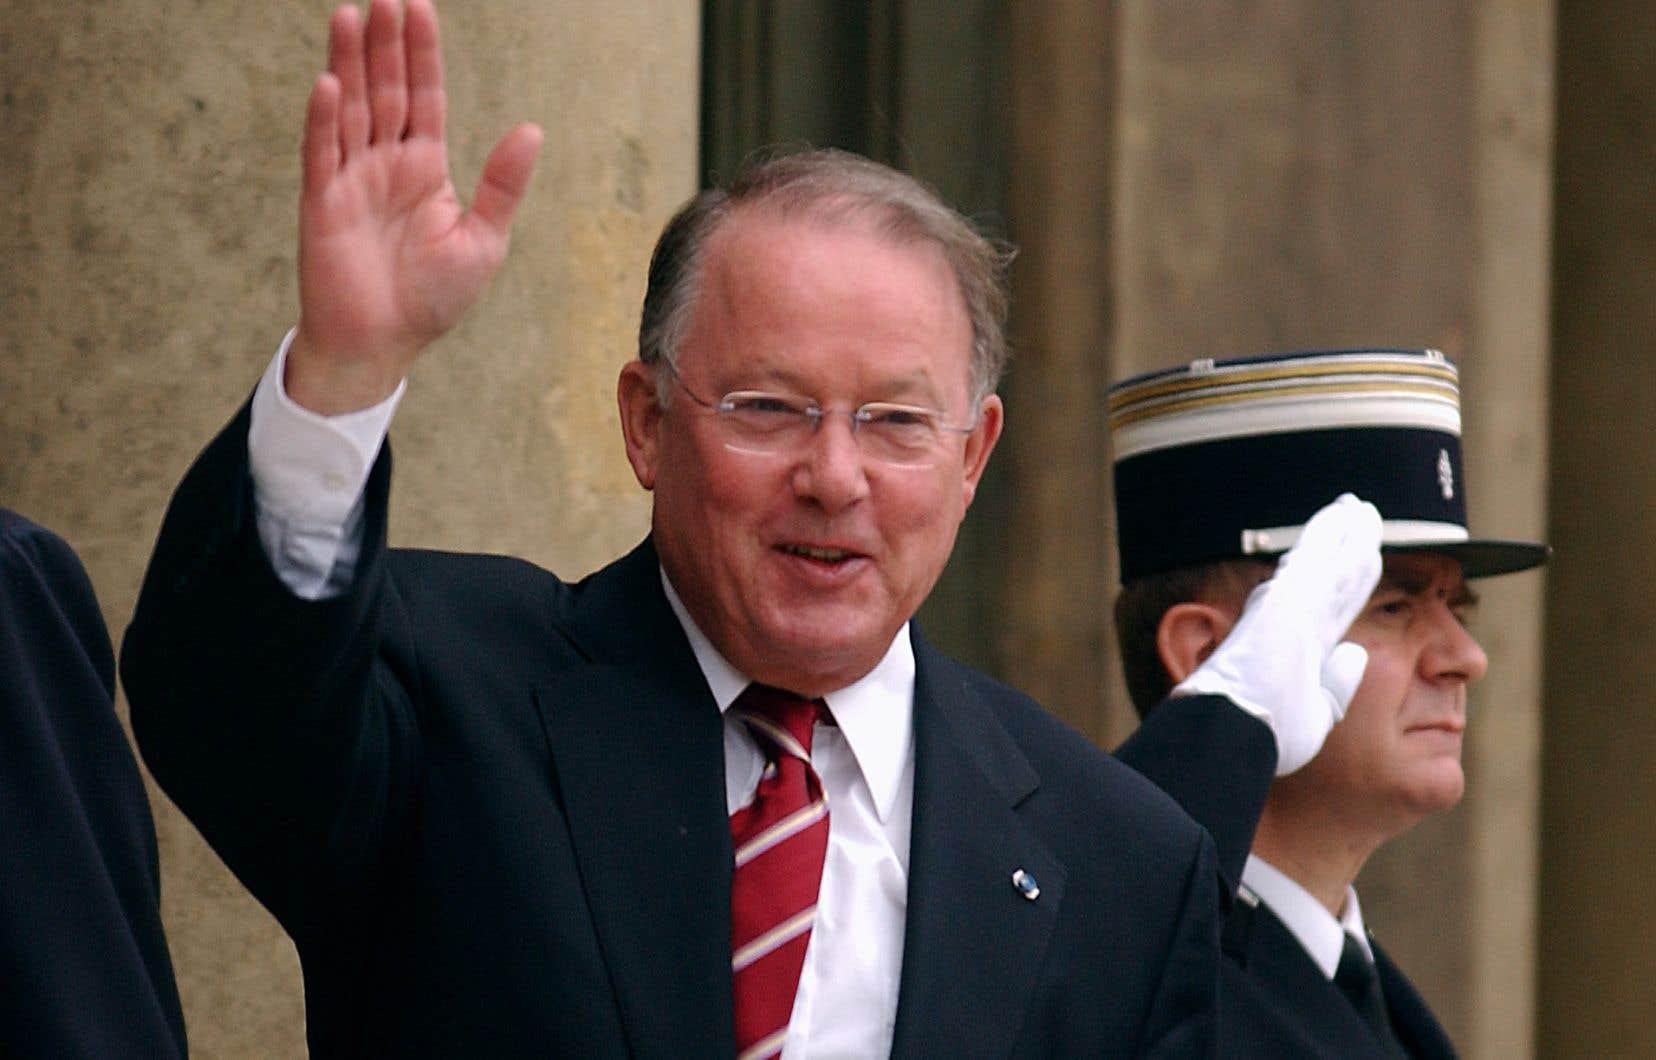 En octobre 2001, Bernard Landry, premier ministre à l'époque, était en visite en France. Sur la photo, il est sur le perron de l'Élysée, s'en allant à un entretien avec le président français d'alors, Jacques Chirac.